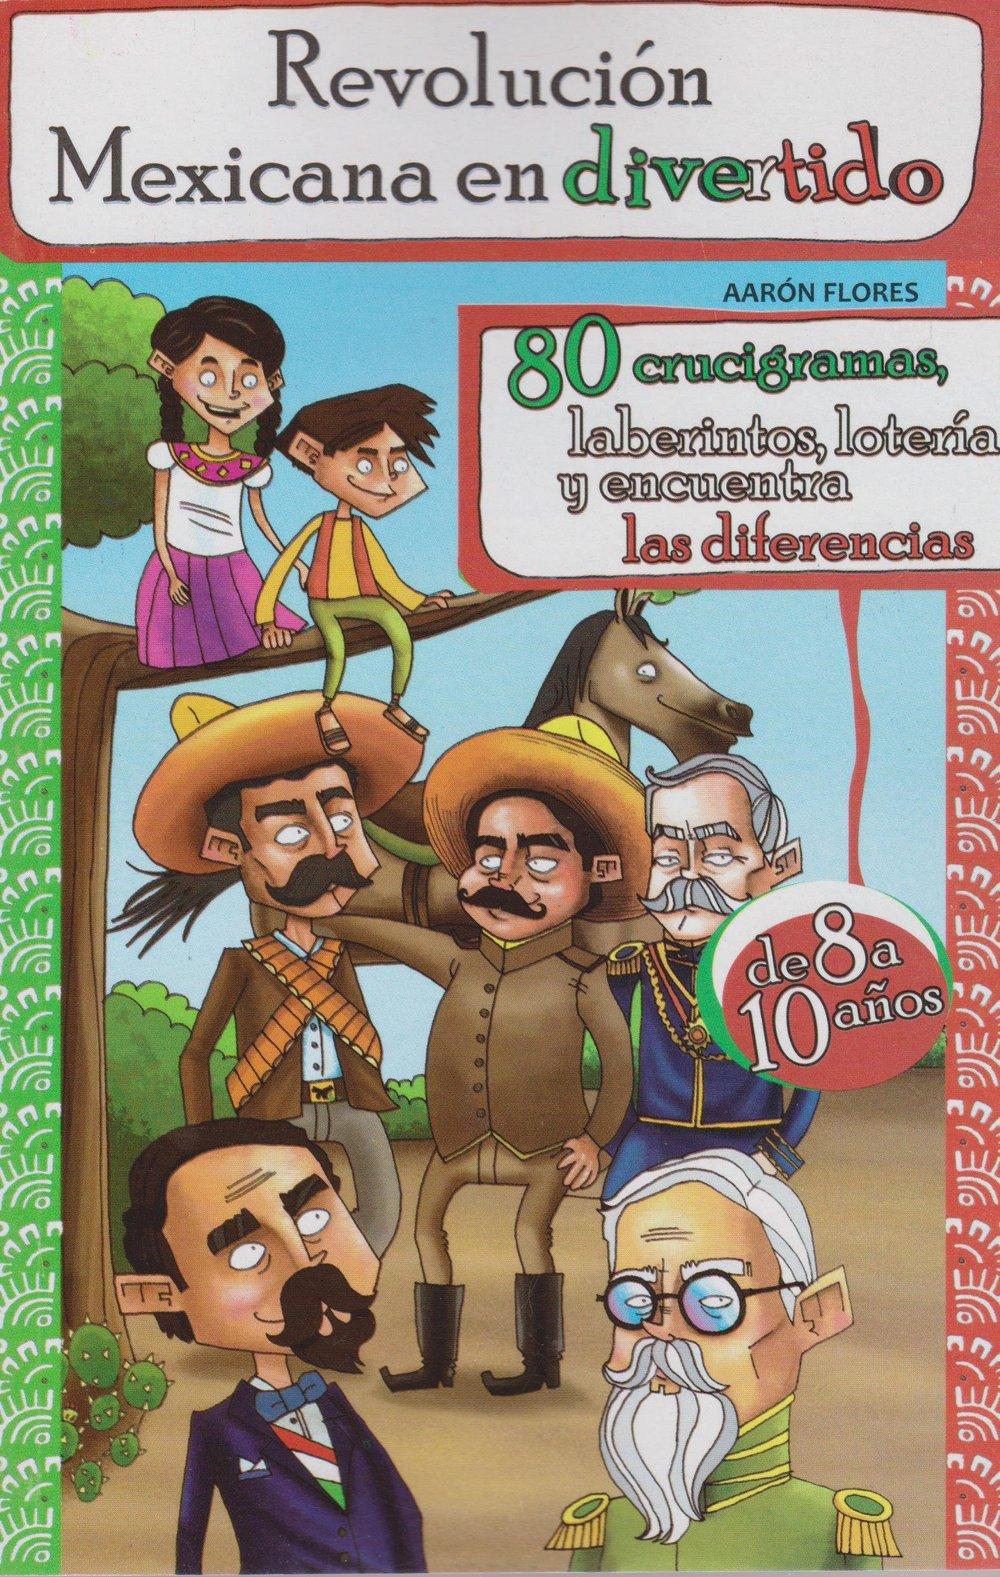 La Revolución Mexicana en Divertido